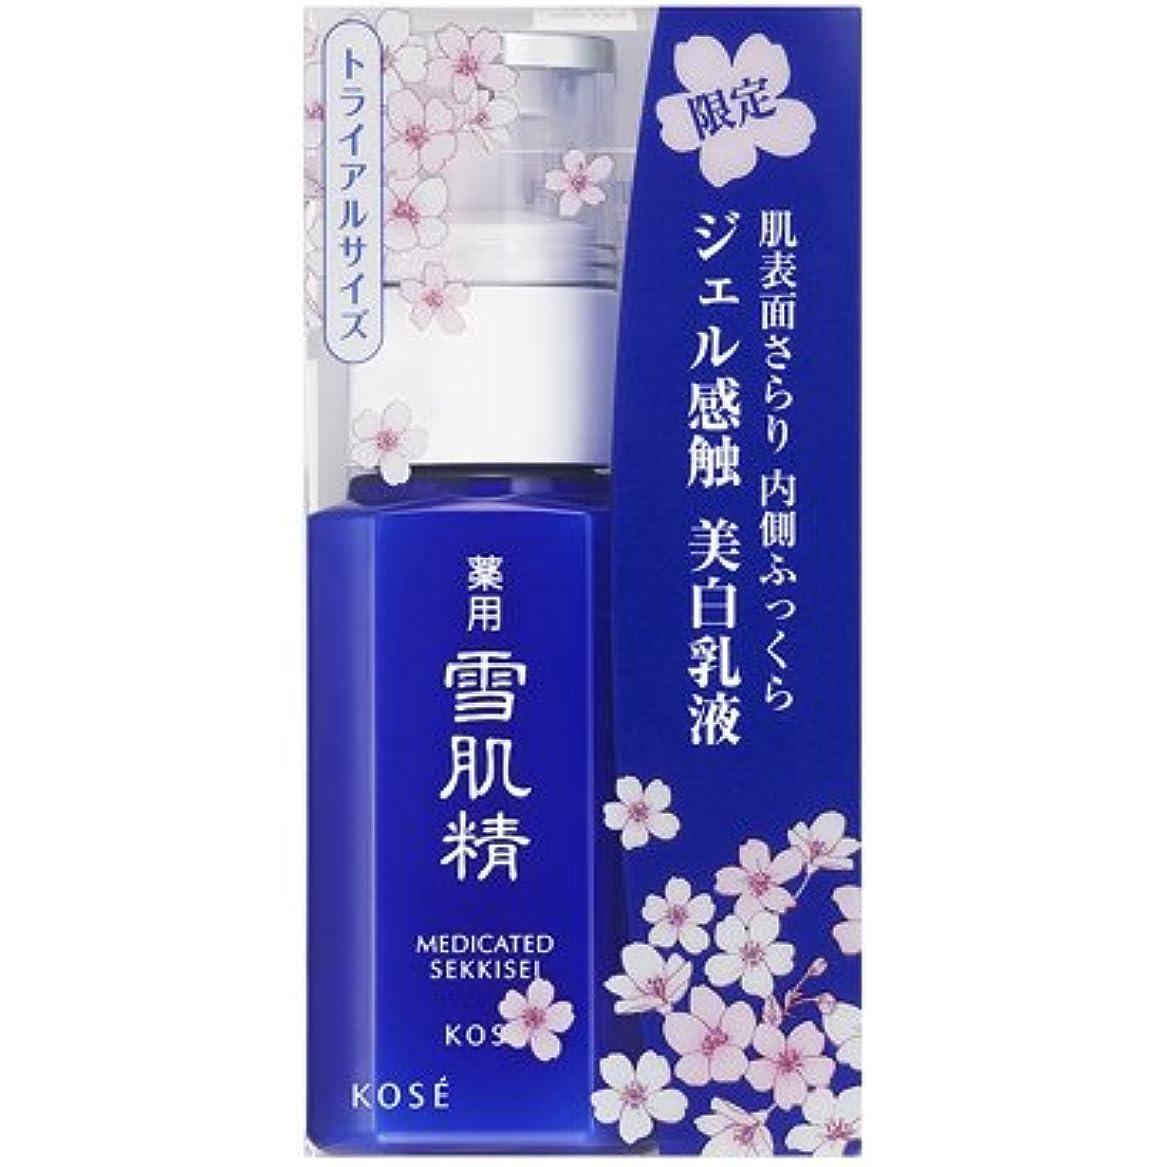 しがみつく放射性本コーセー 薬用 雪肌精 乳液(ハーフサイズ) 【桜】 70mL